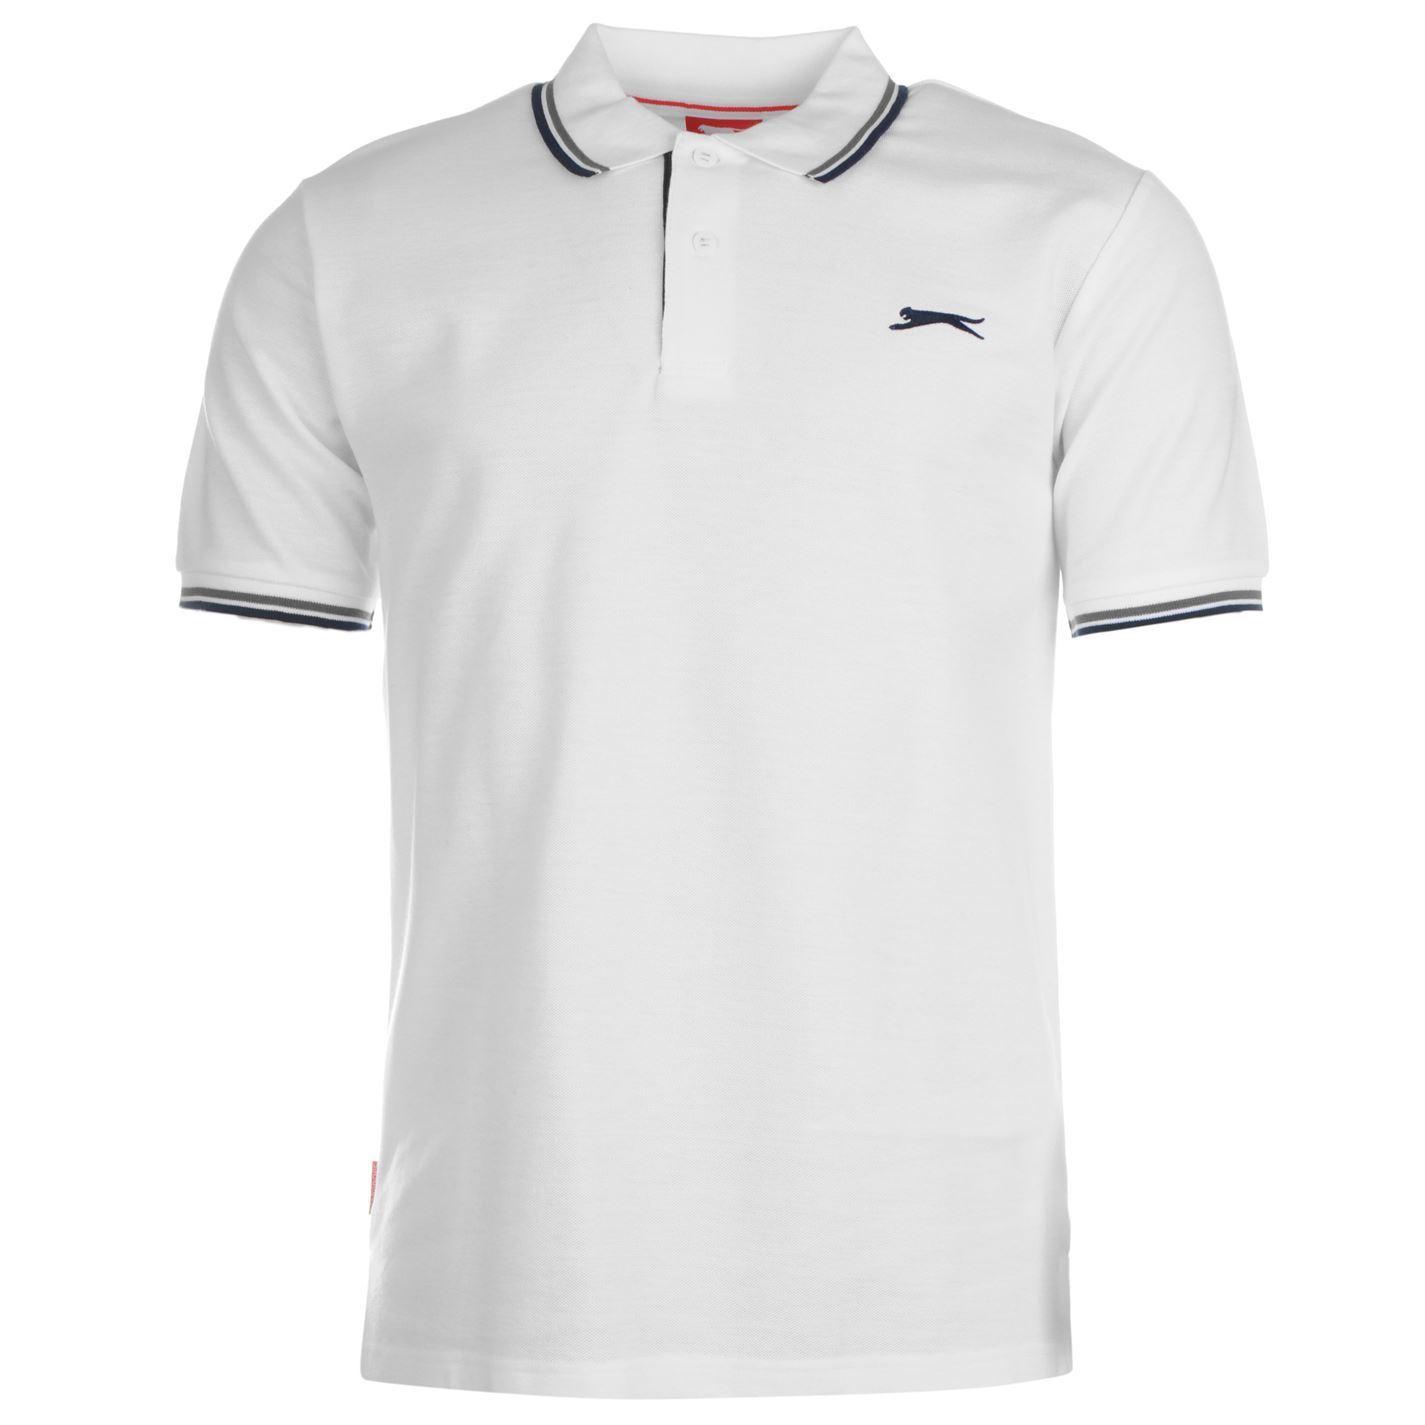 Slazenger-Polo-Camisa-de-hombre-con-cuello-con-Punta-T-Shirt-Top-Camiseta-Tee miniatura 81